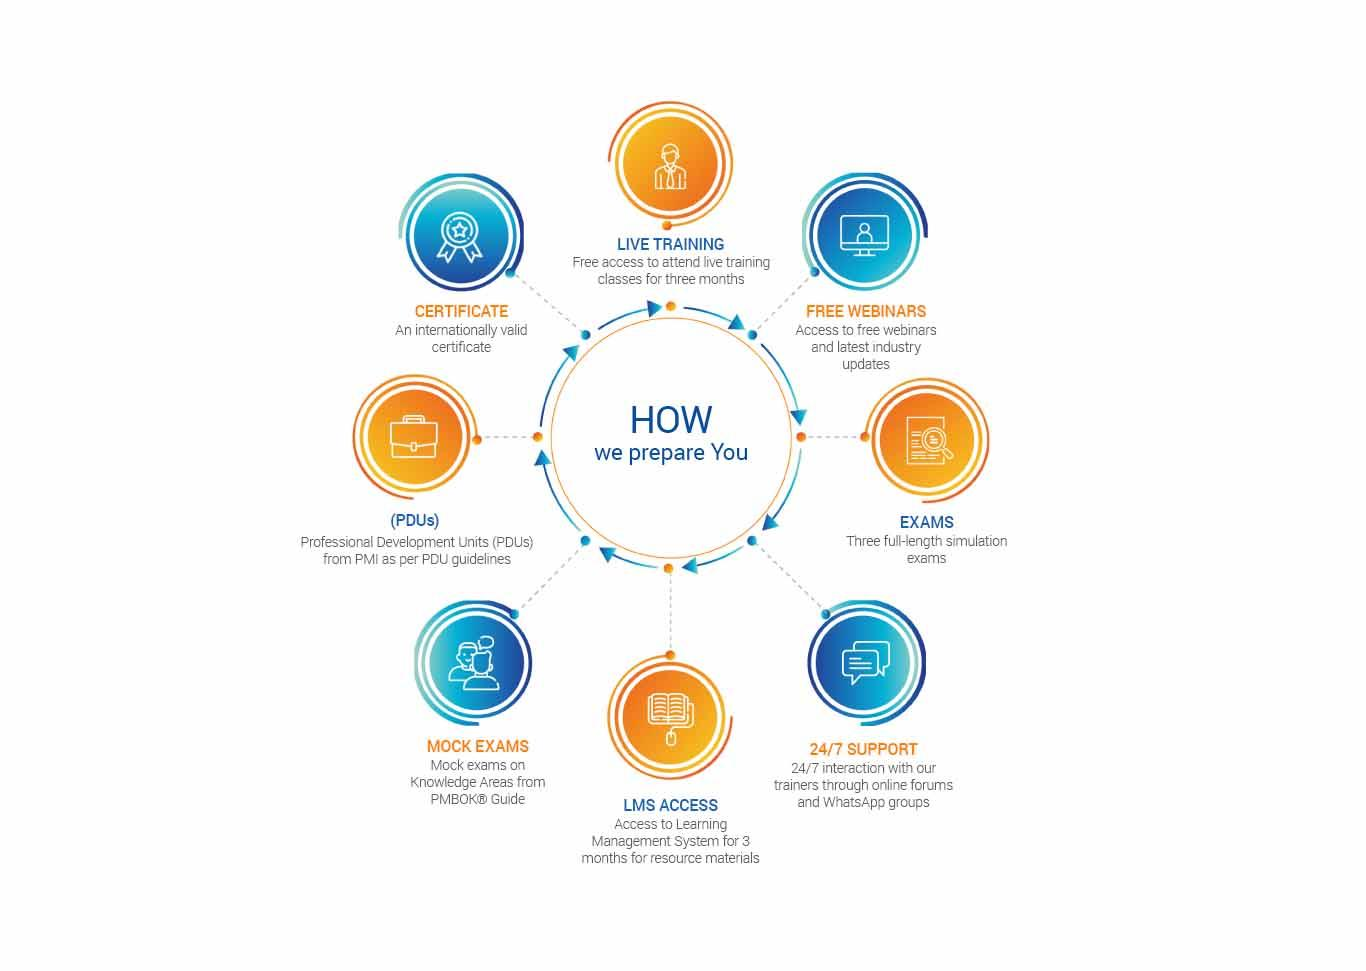 pmp certification module-360digitmg